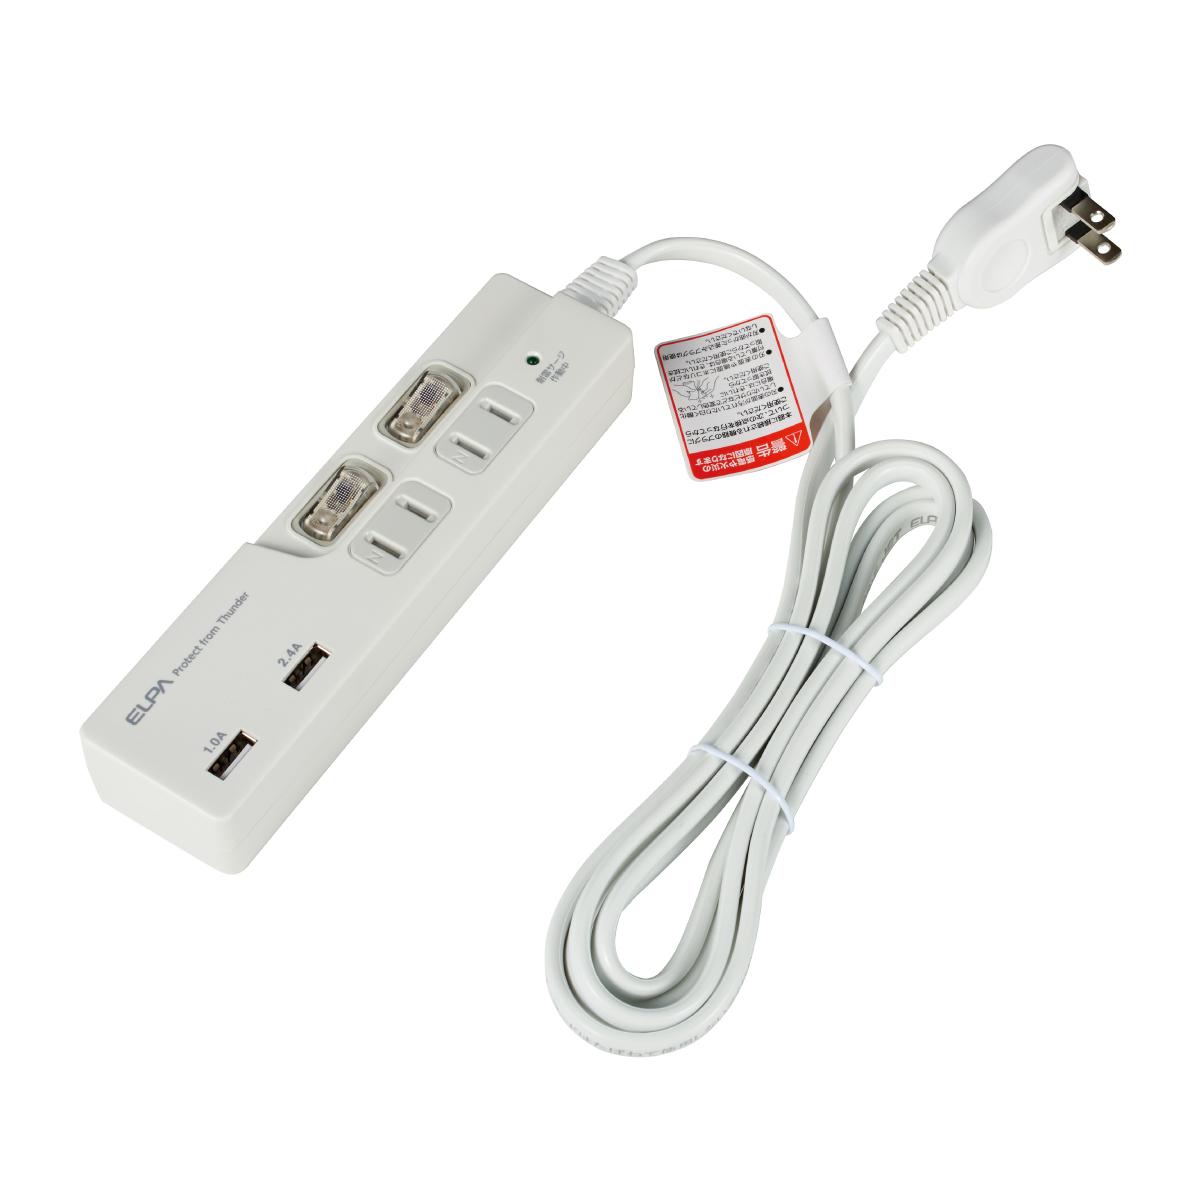 電源タップ 延長コード コード付きタップ 2個口 WBS-LS22USB-W_1940300_スイッチ付タップ2個口2m 新作多数 エルパ 商品 3.4A_ELPA USB 朝日電器